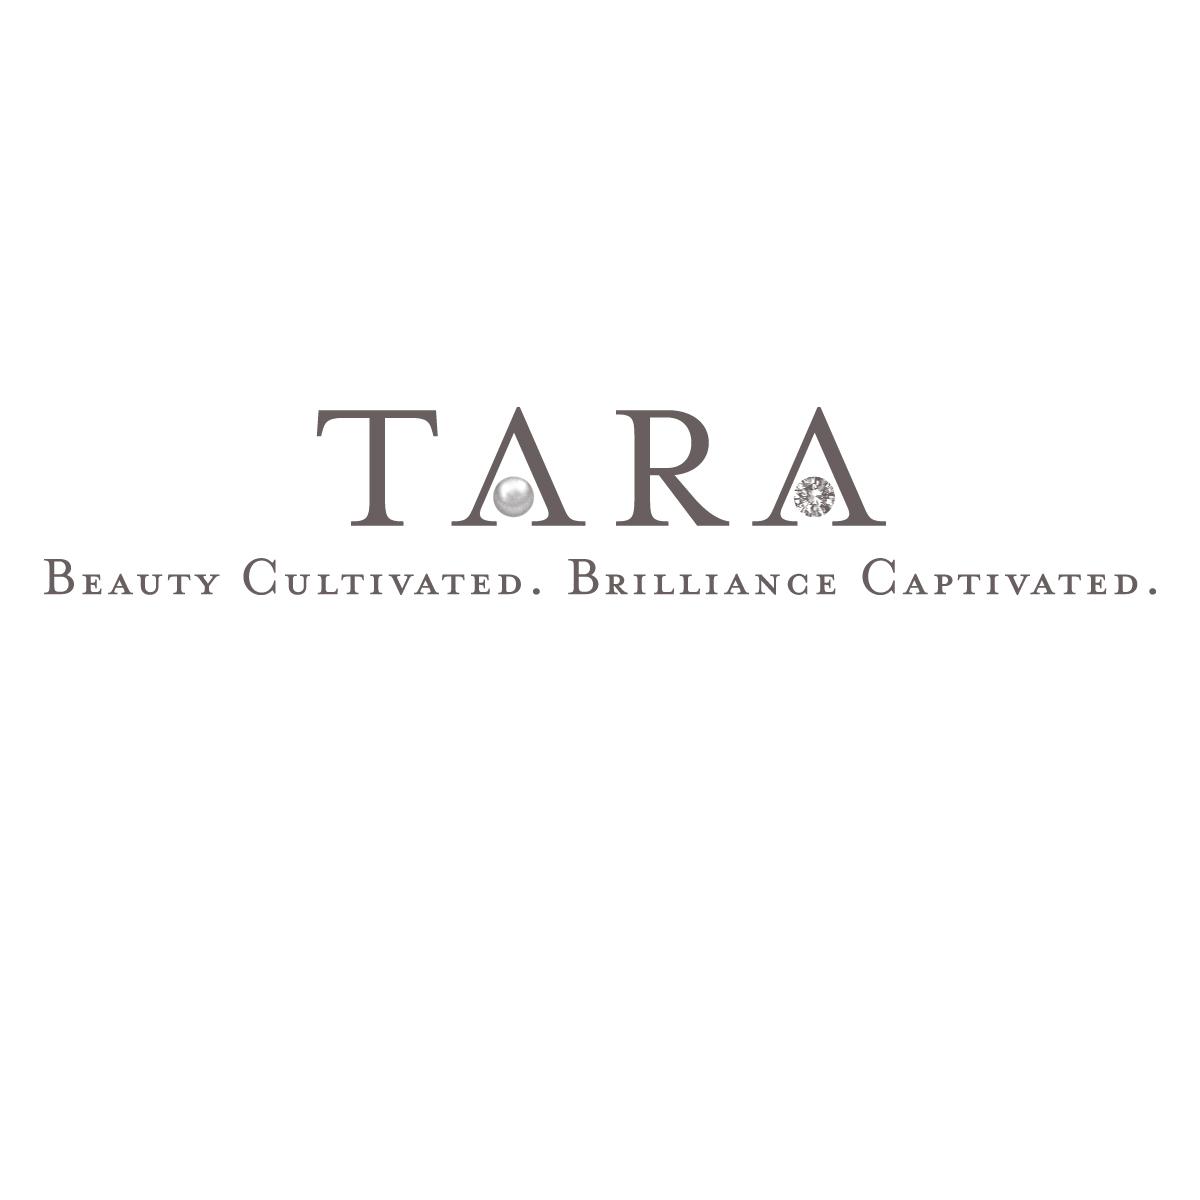 Tara_01.jpg